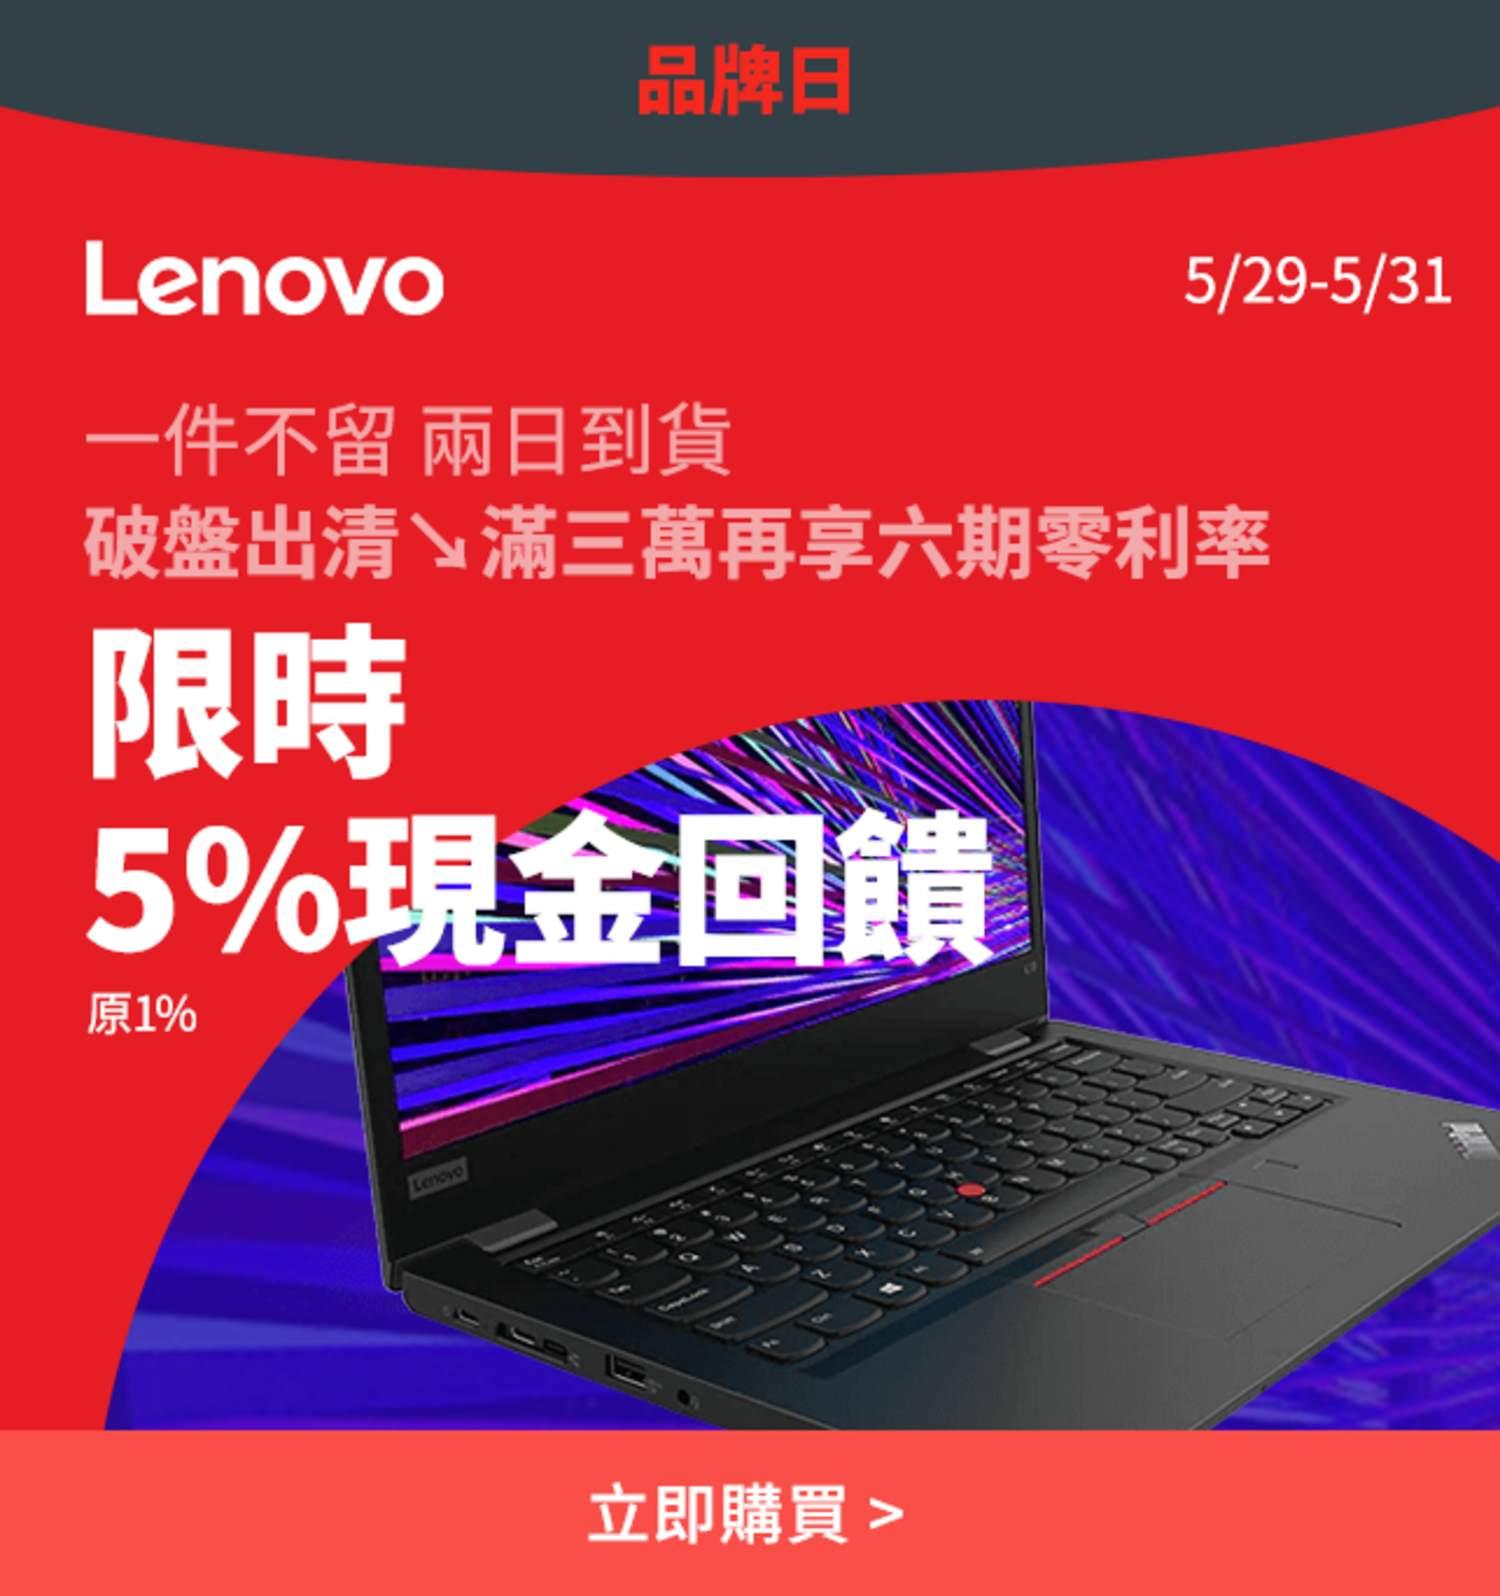 Lenovo 5/30-5/31